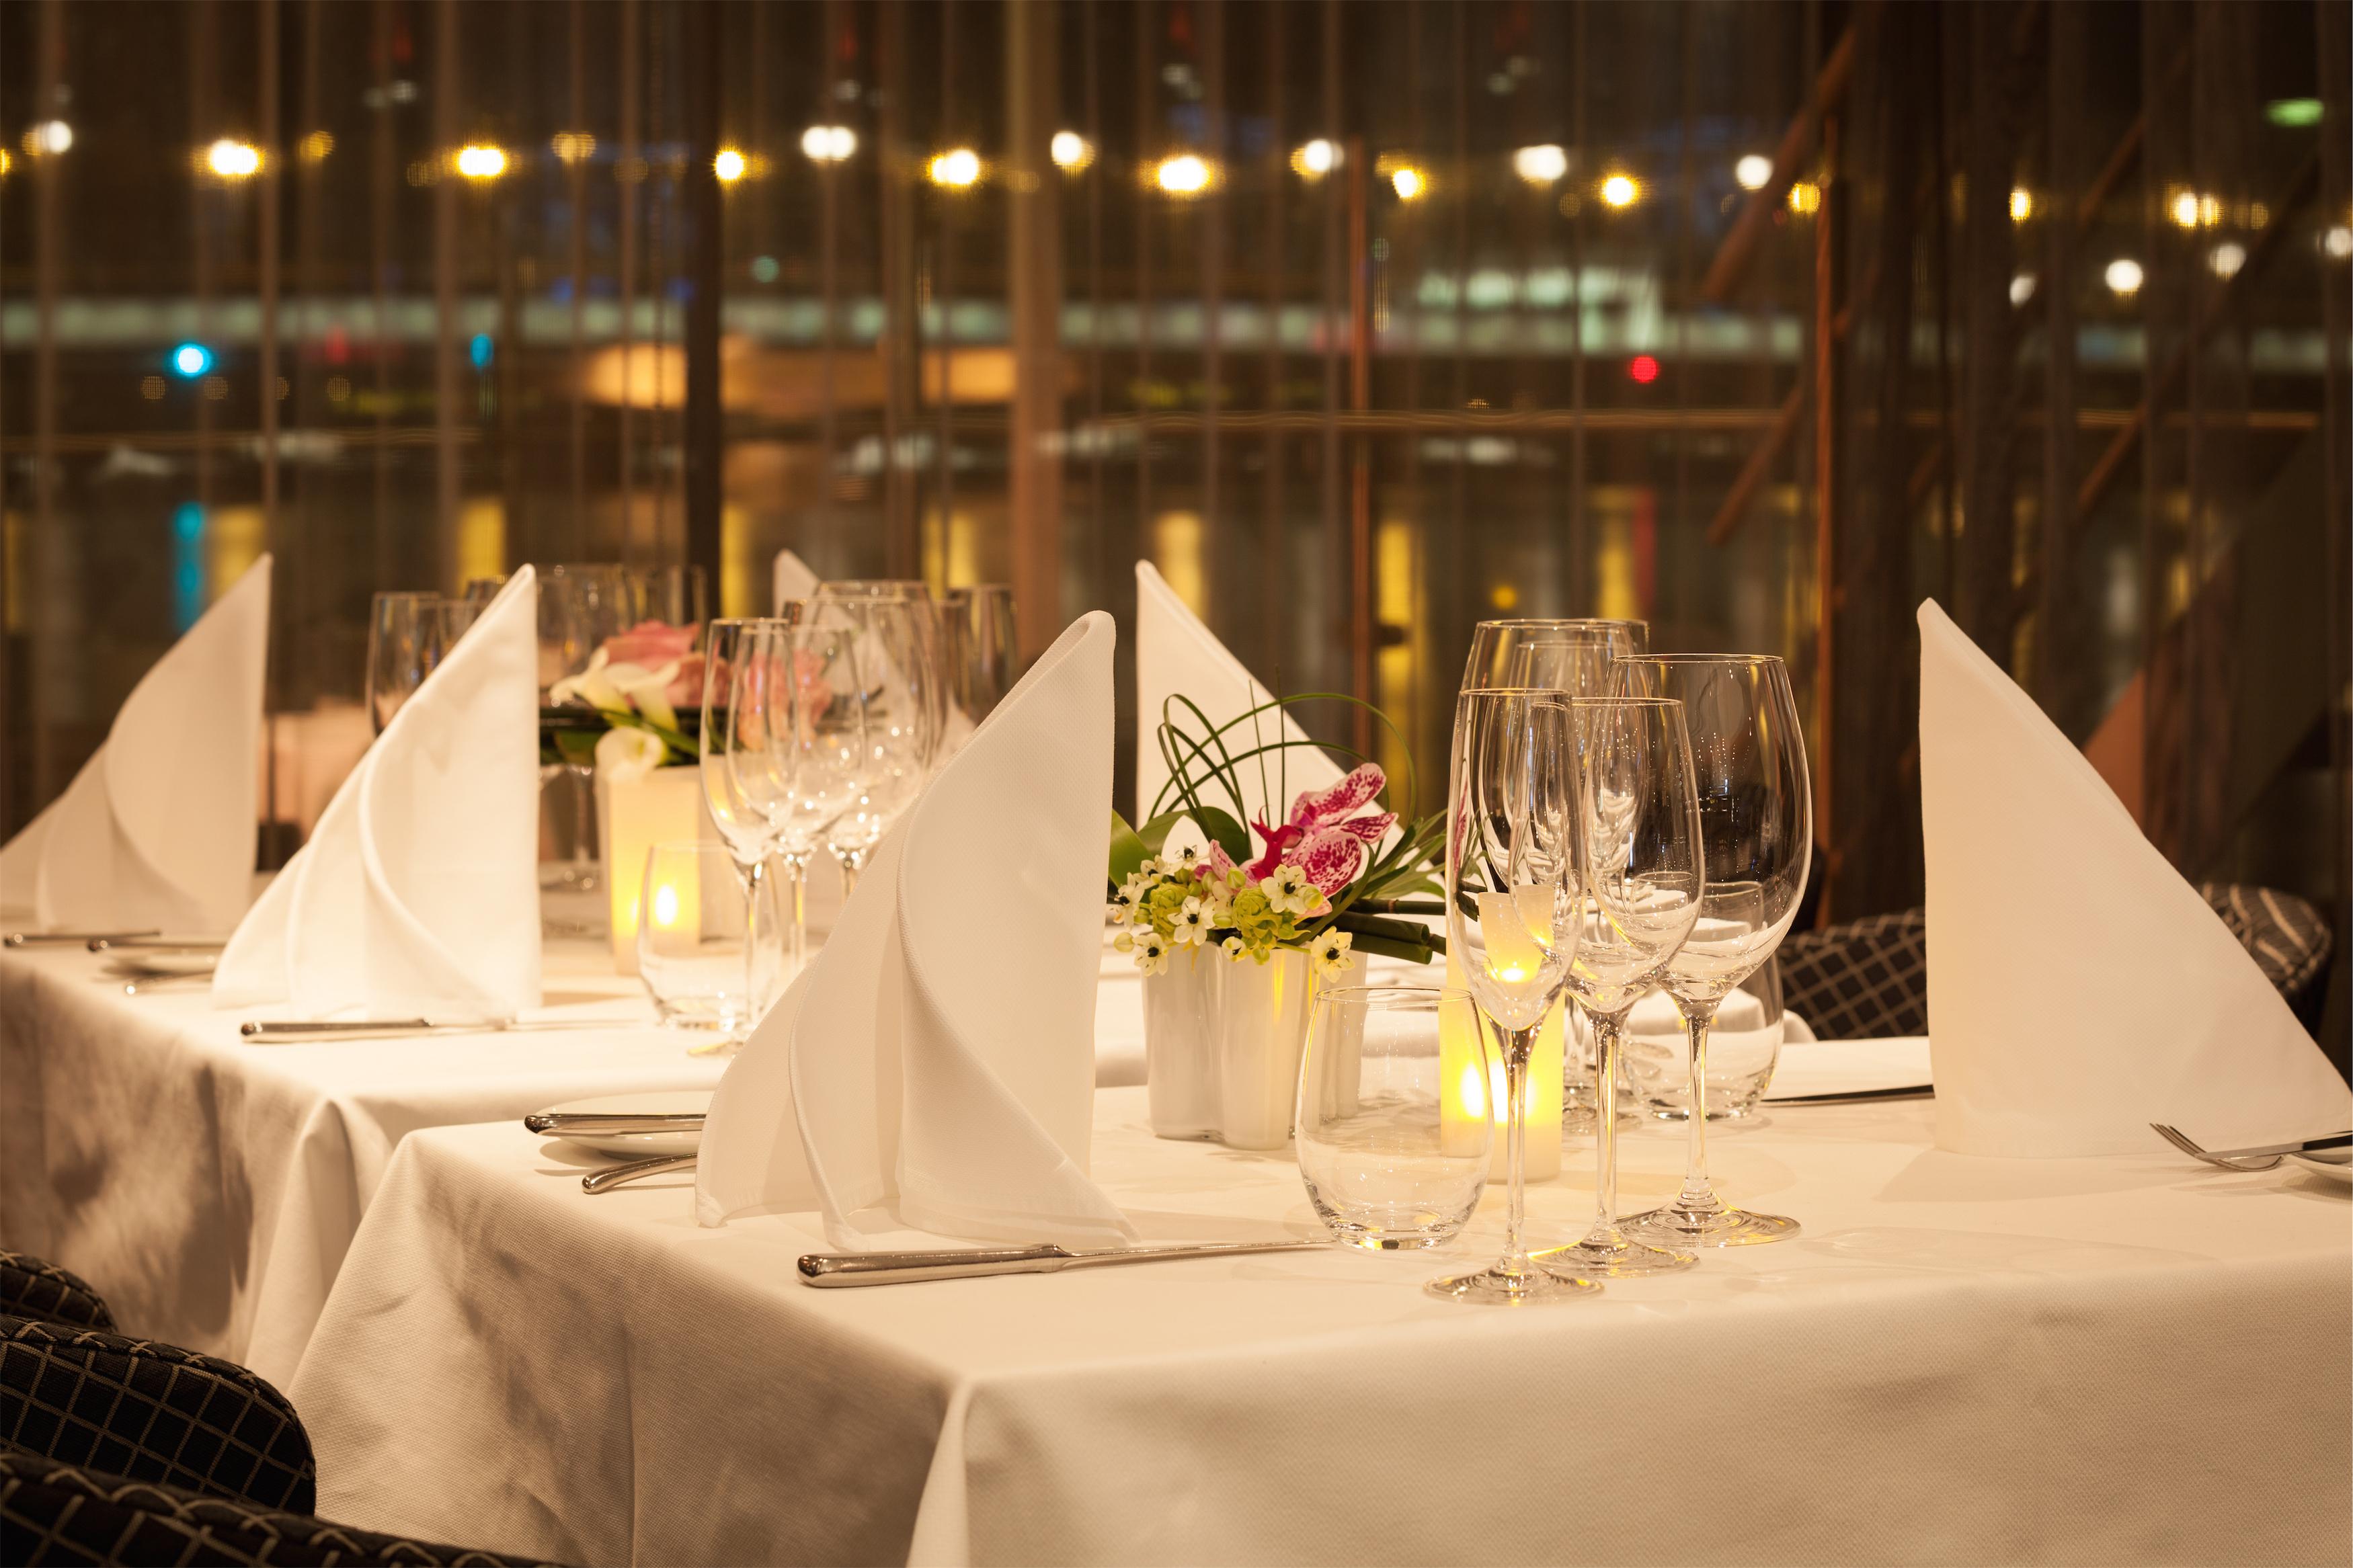 Scenic Sapphire Scenic Emerald Scenic Diamond Scenic Ruby Scenic Pearl Interior Portobellos Restaurant 4.jpg